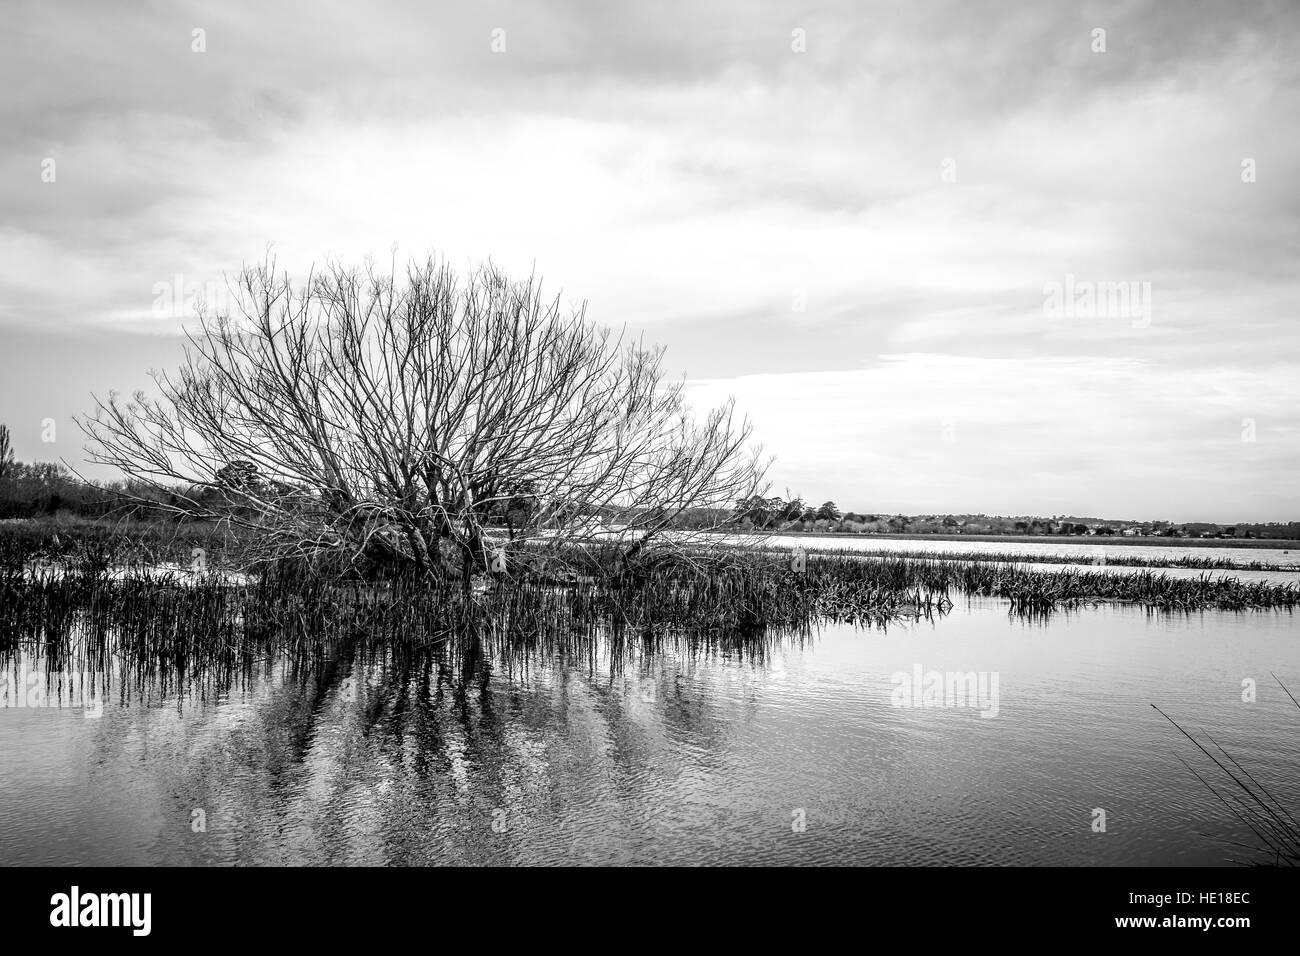 Teilweise unter Wasser, Baum und Wasser Gräser in einem Regen geschwollen See. Schwarz-weiß. B&W Stockbild